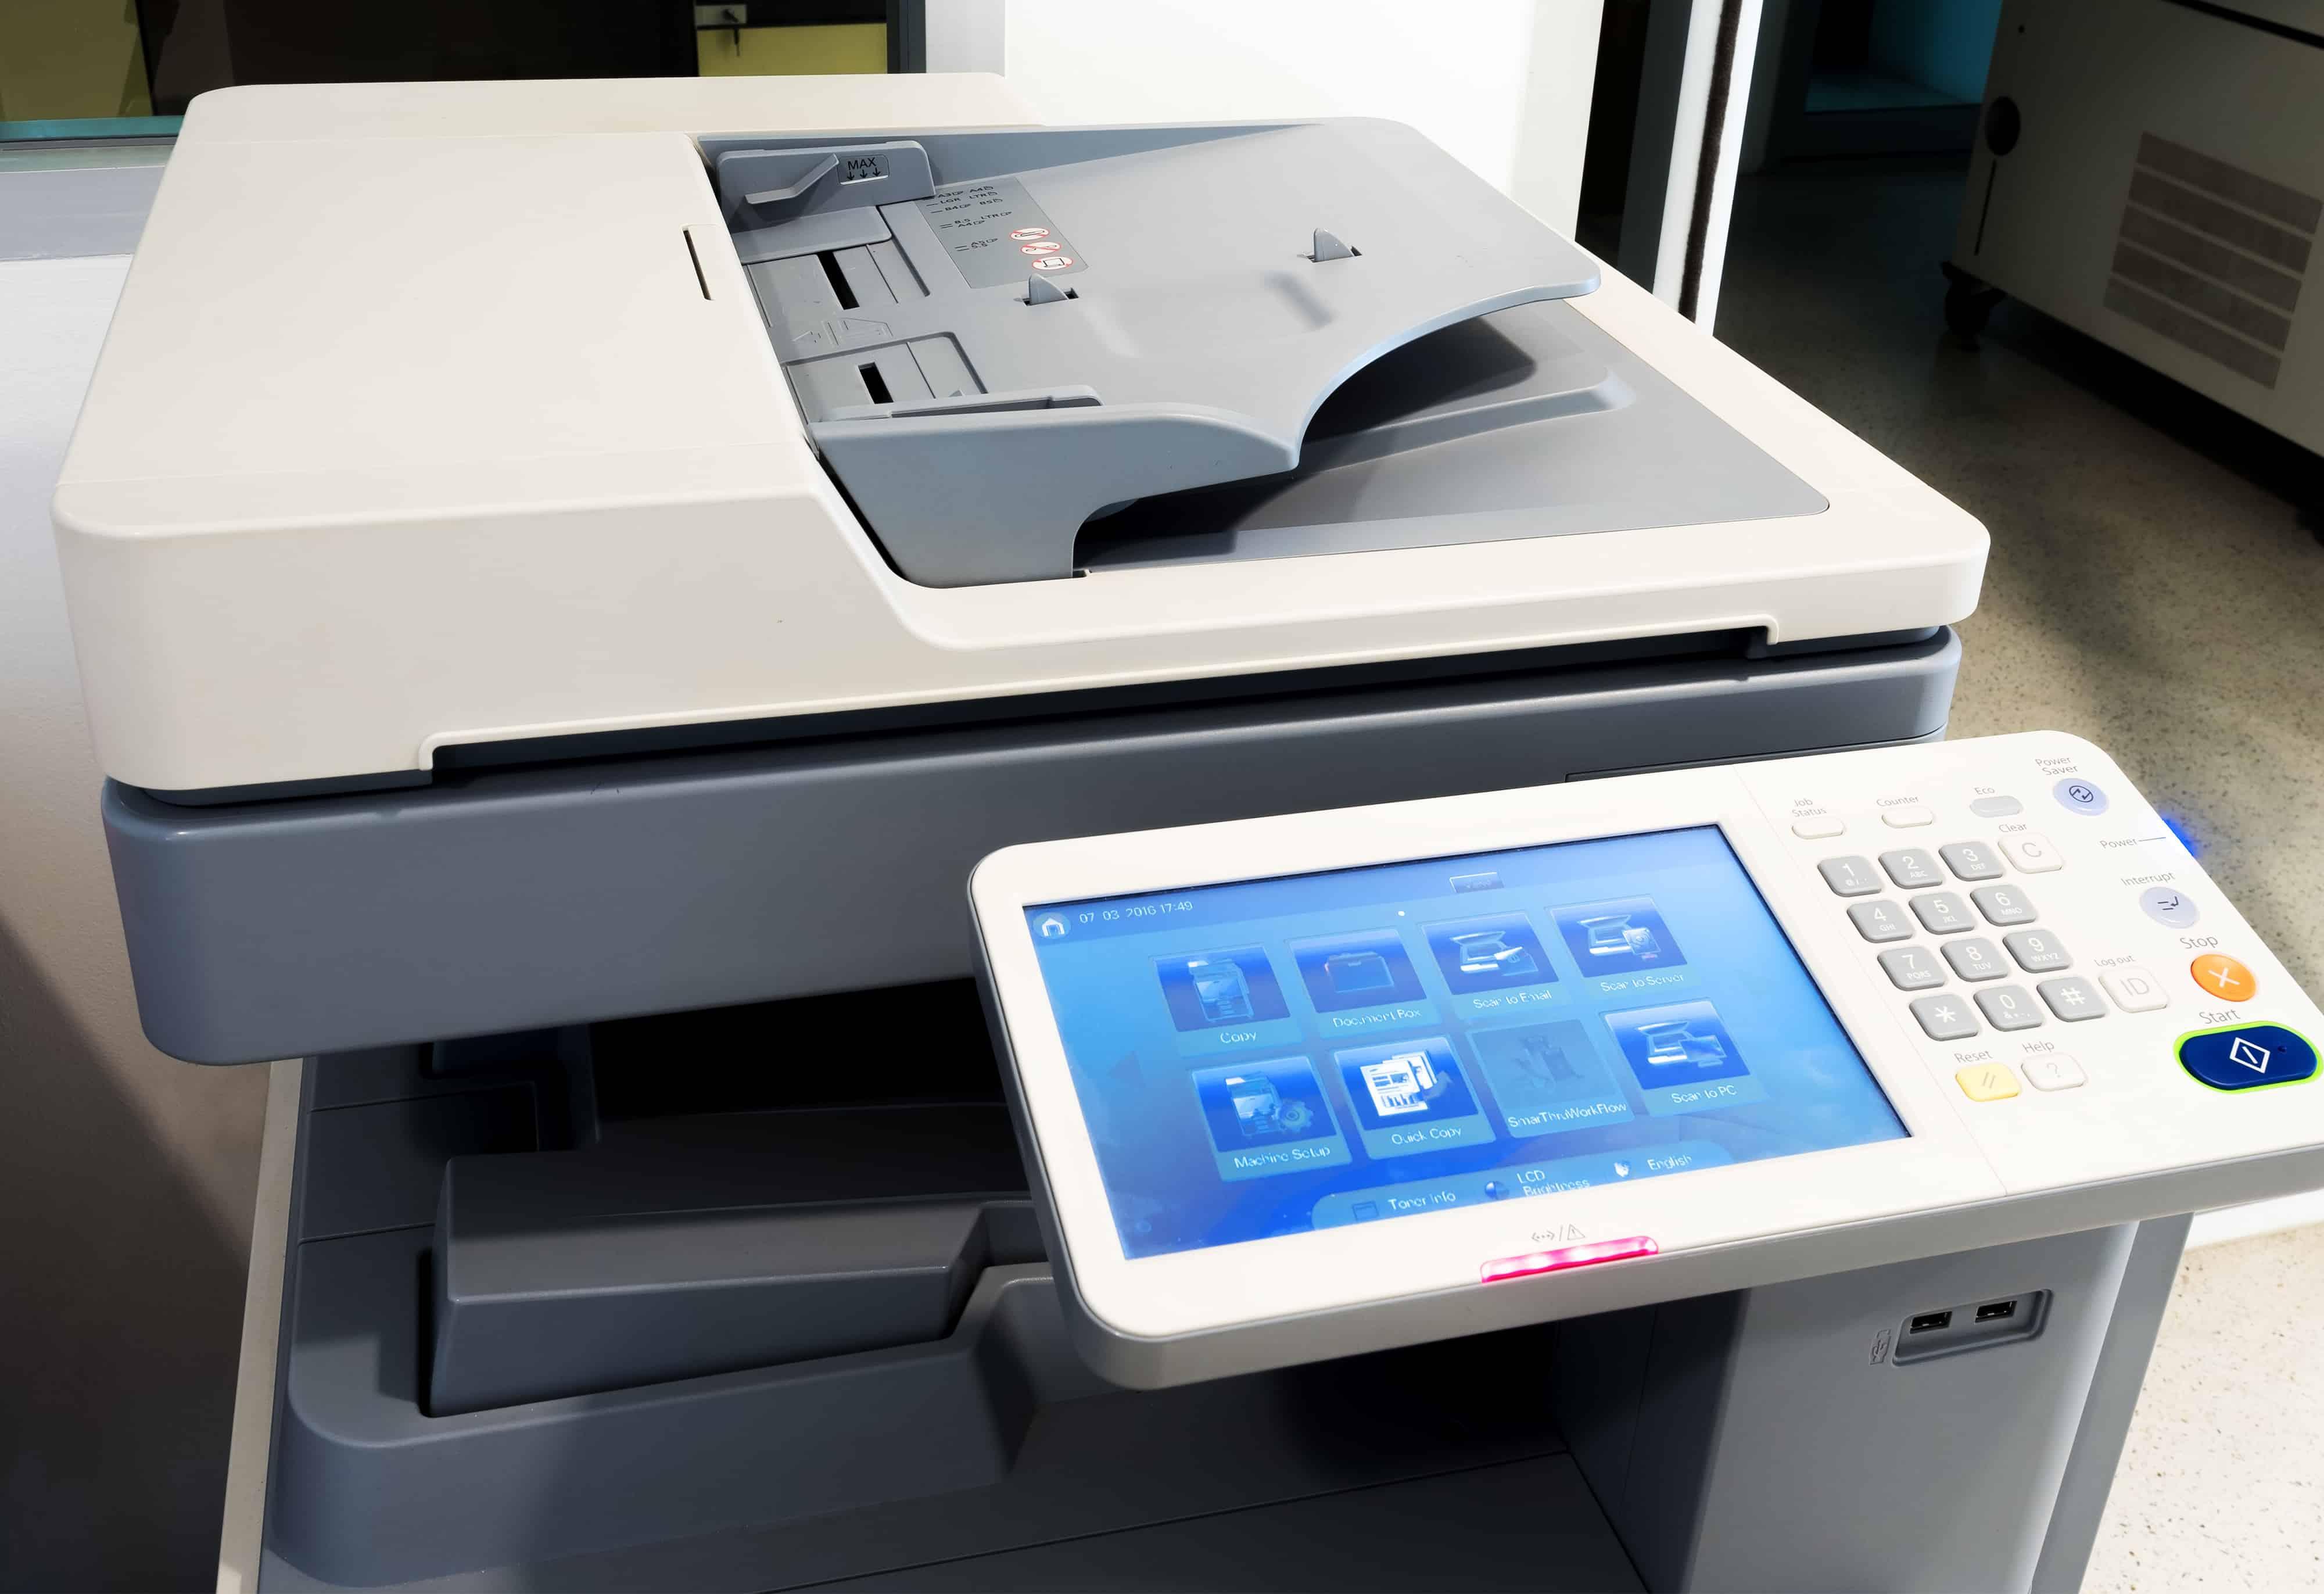 Miglior stampante A3 2020: Guida all'acquisto